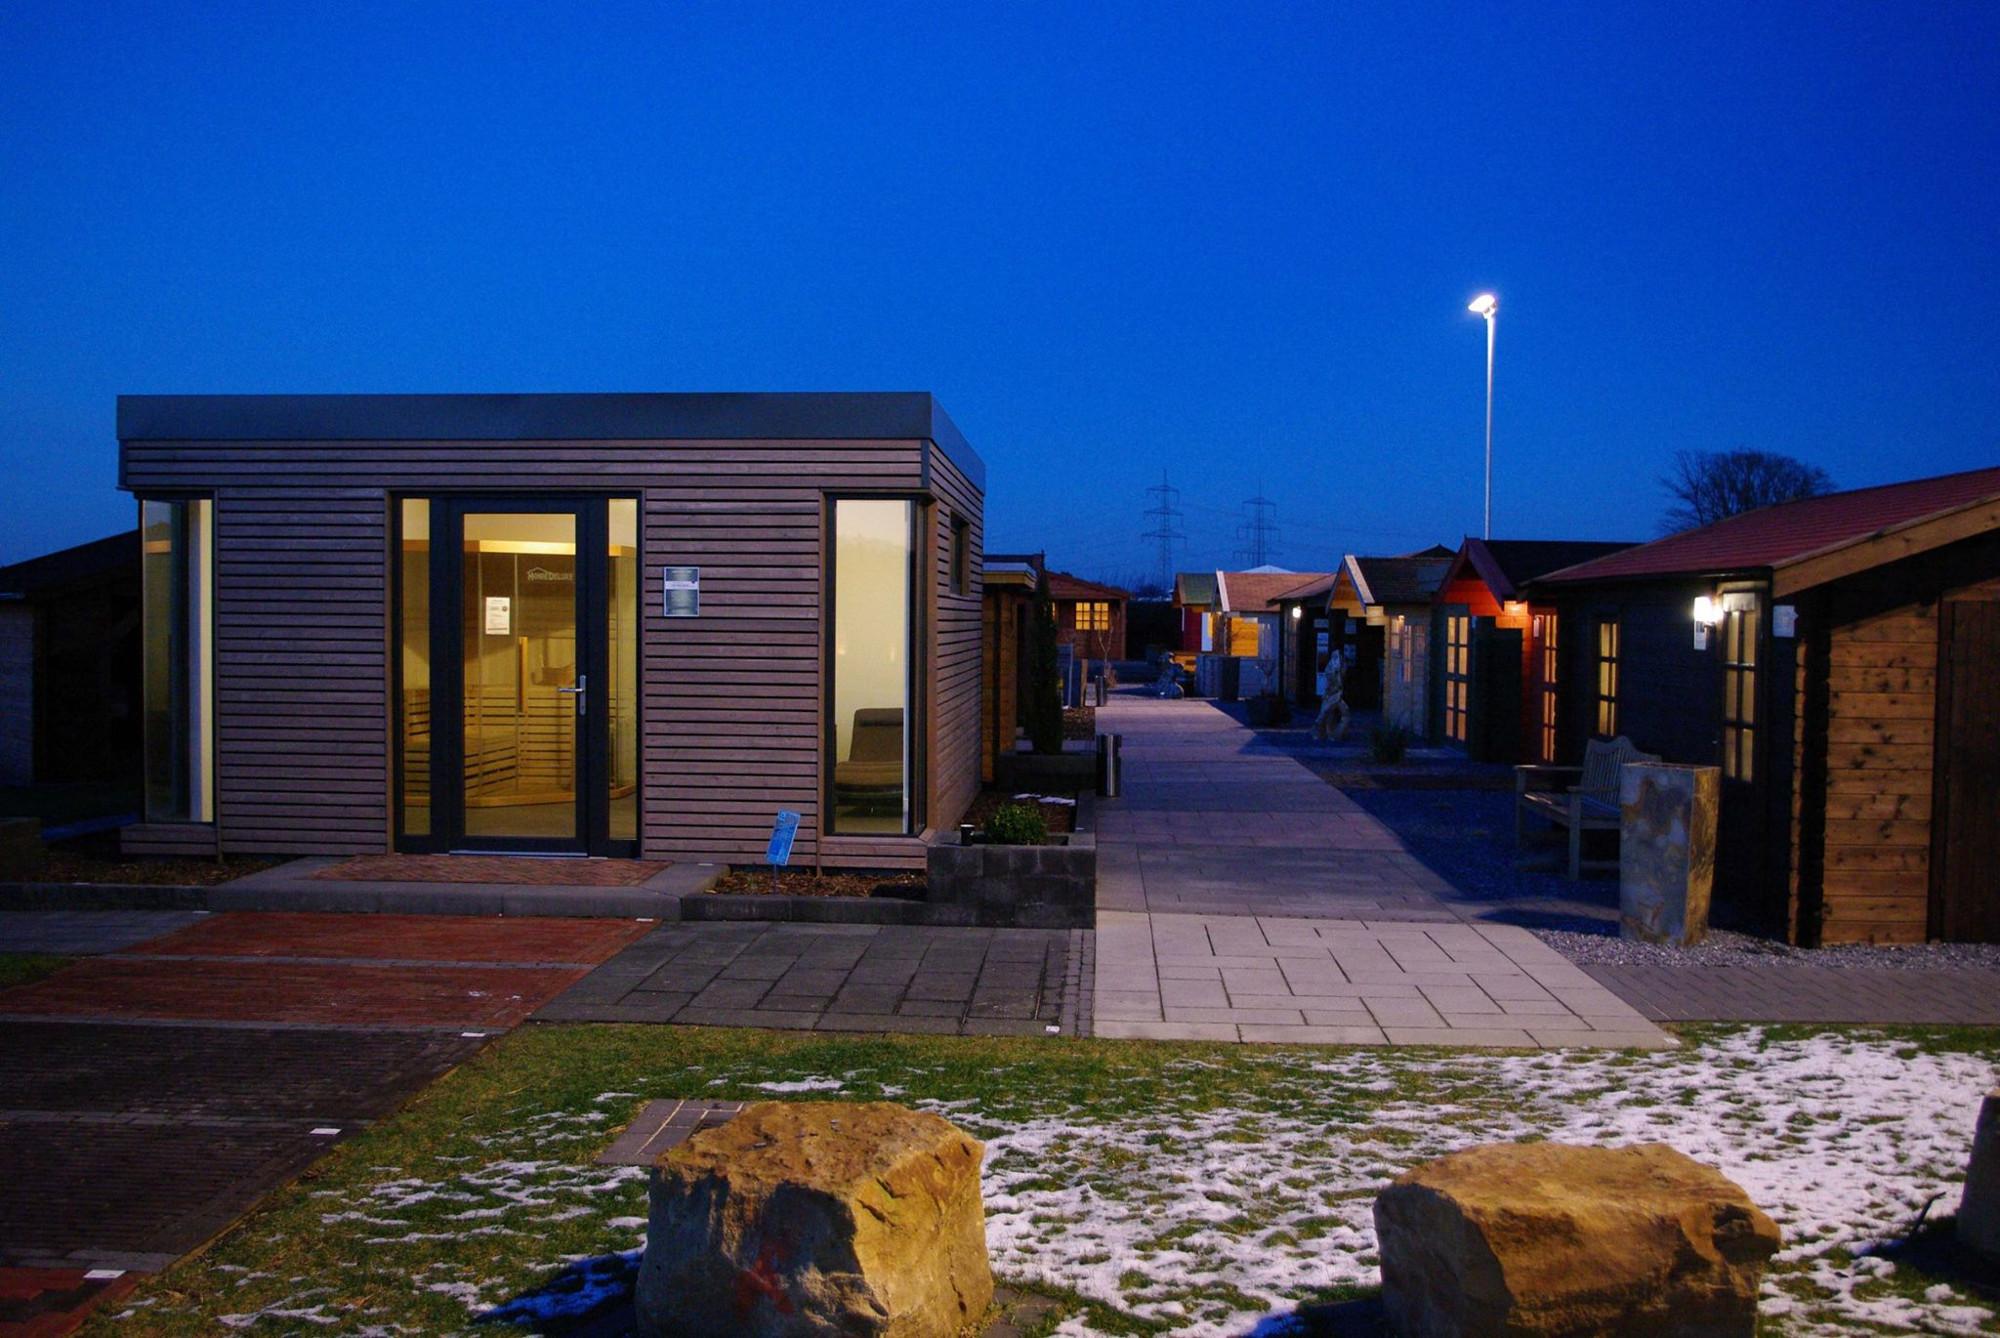 Stunning Gartenhaus Mit 2 Eingängen Images - Thehammondreport.com ...